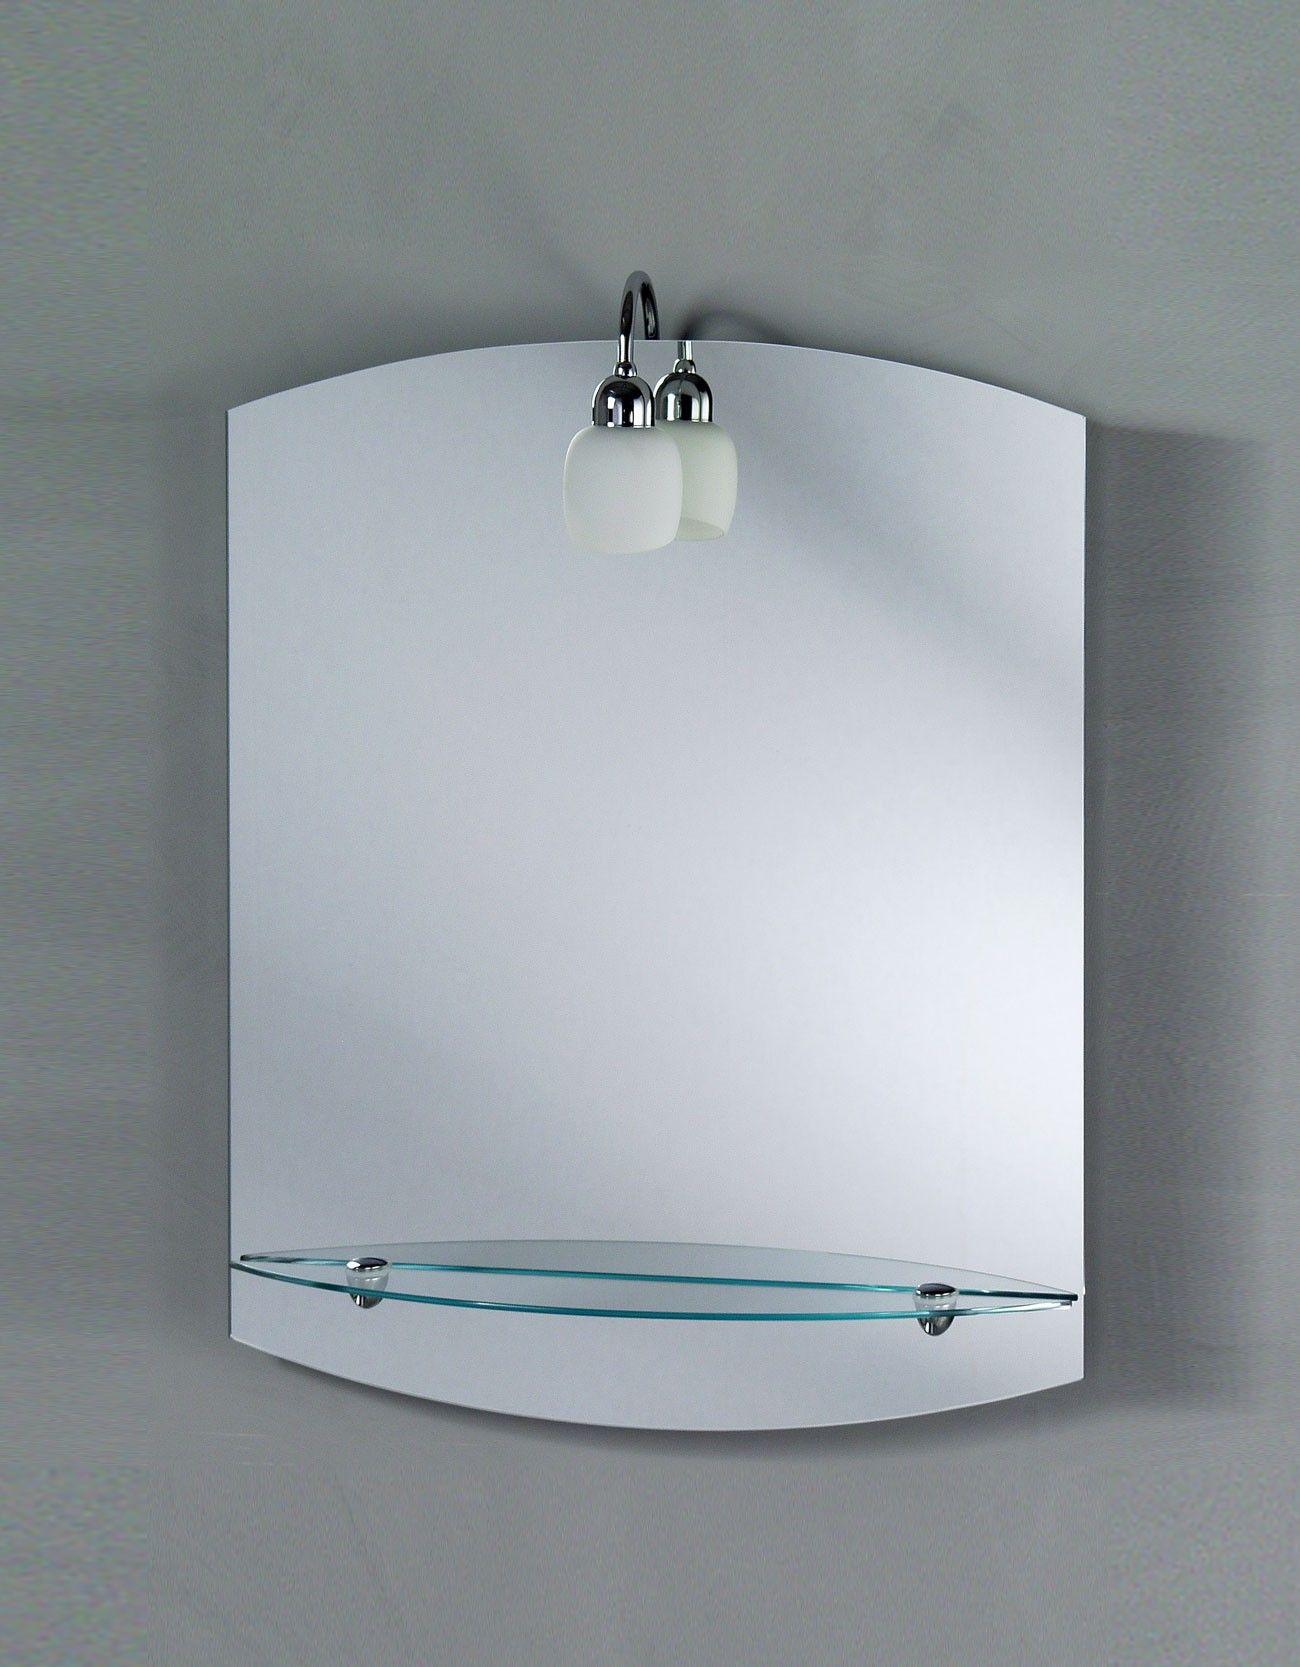 Specchio Bagno Con Faretto   Zdrojovykod